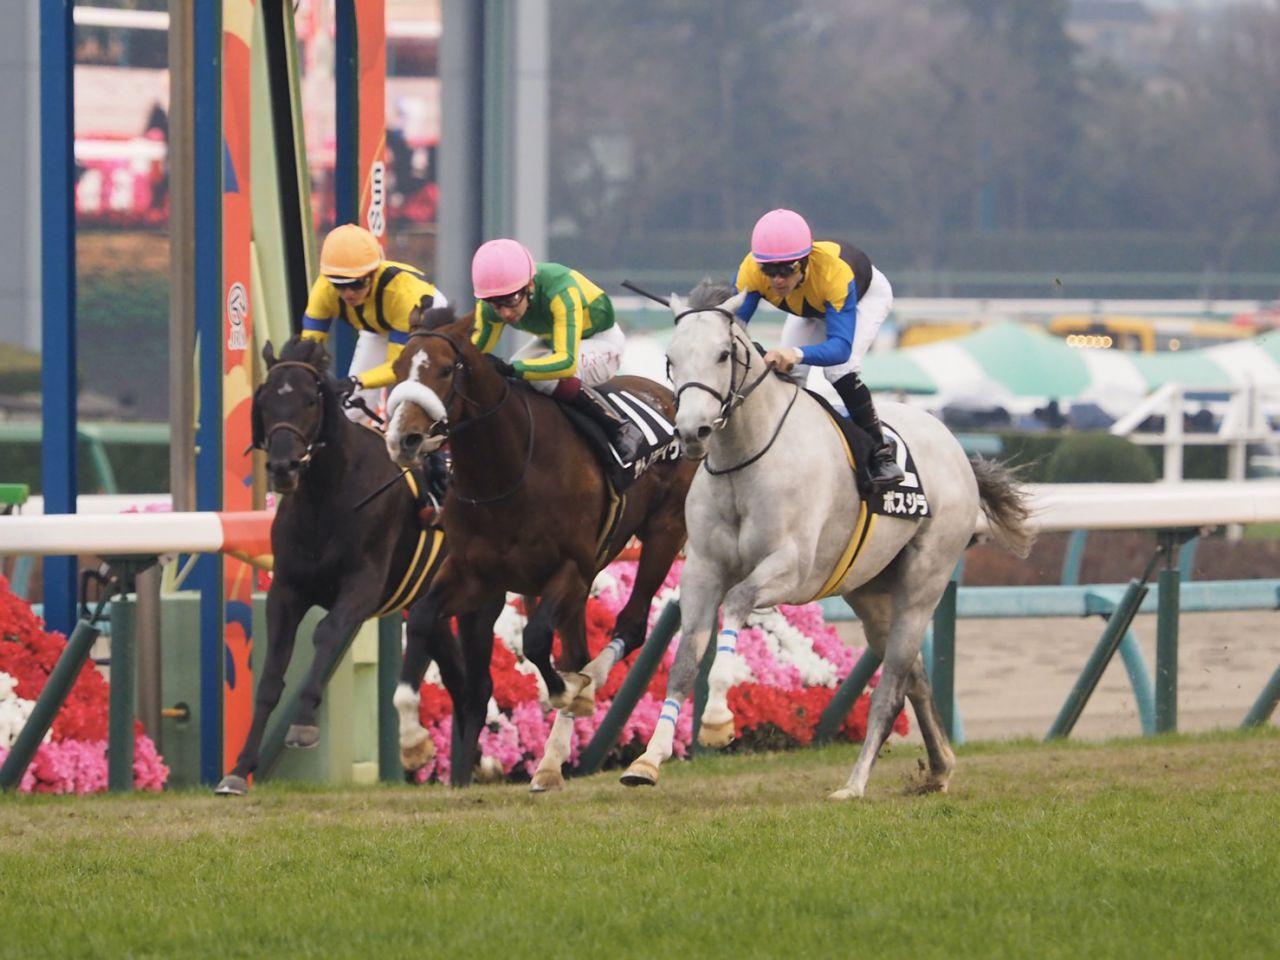 【阪神C】スミヨン「勝った馬が強かった」レース後ジョッキーコメント